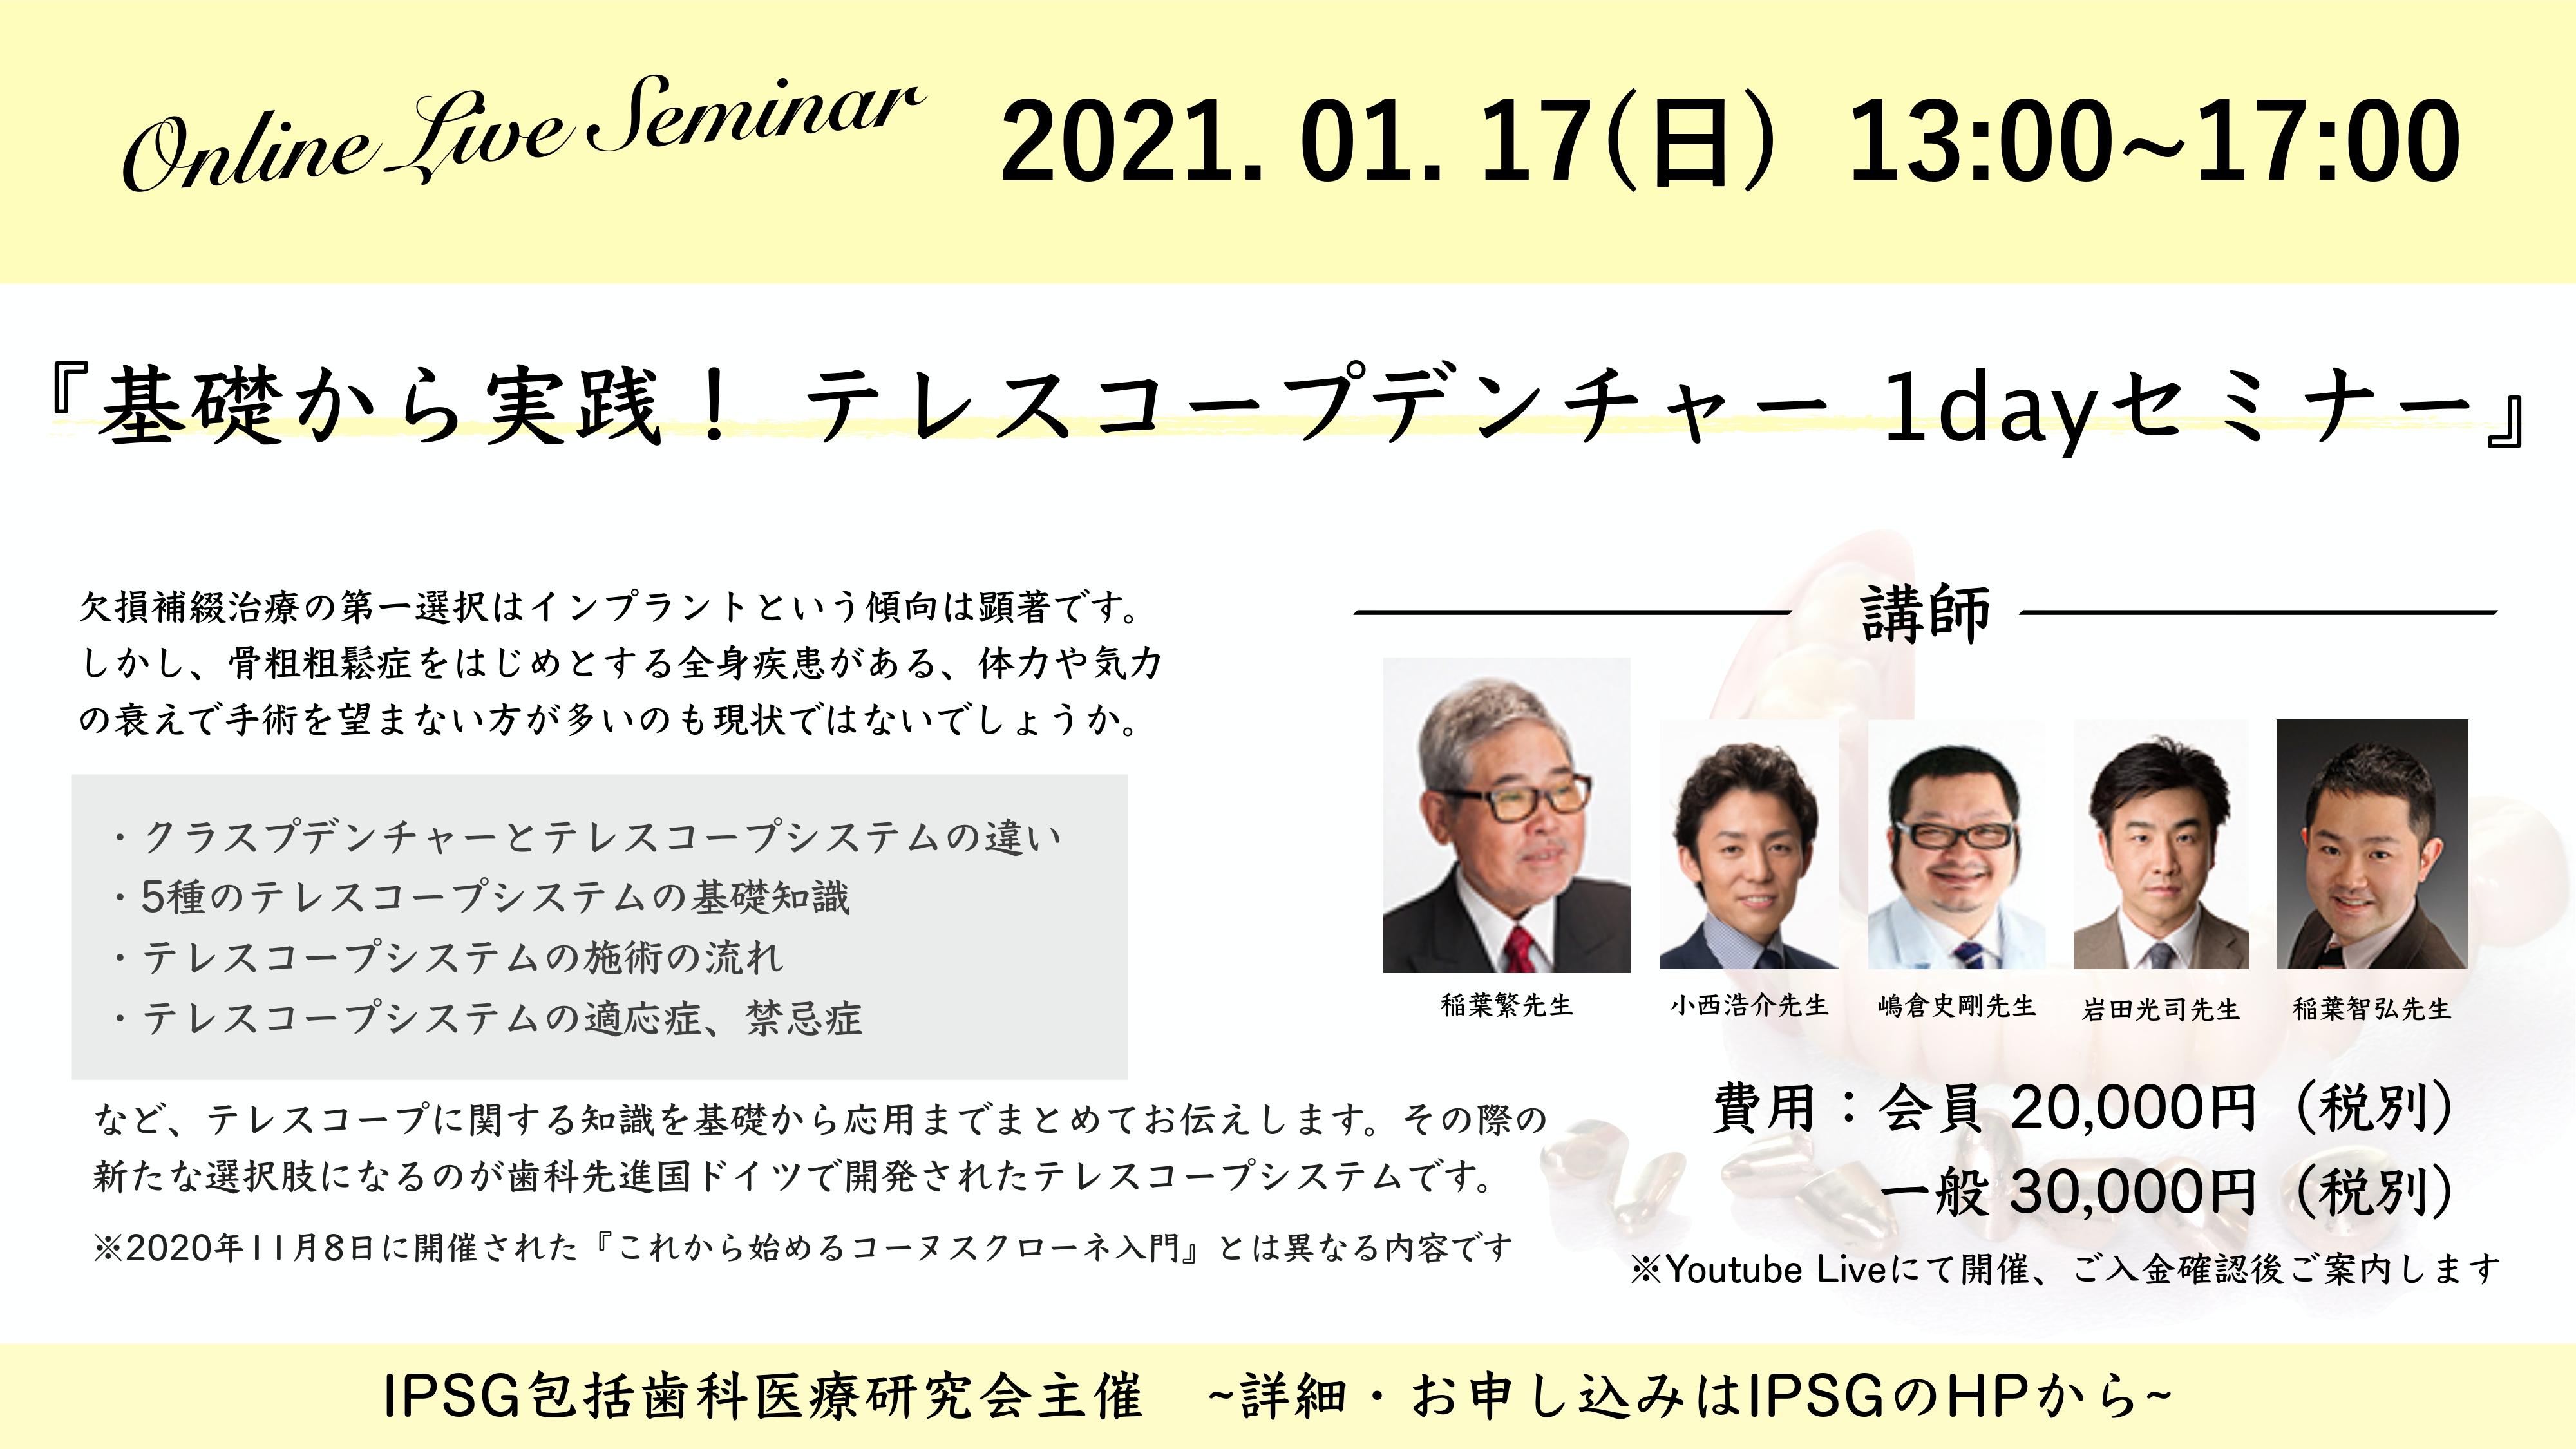 【オンライン開催】テレスコープシステムセミナー